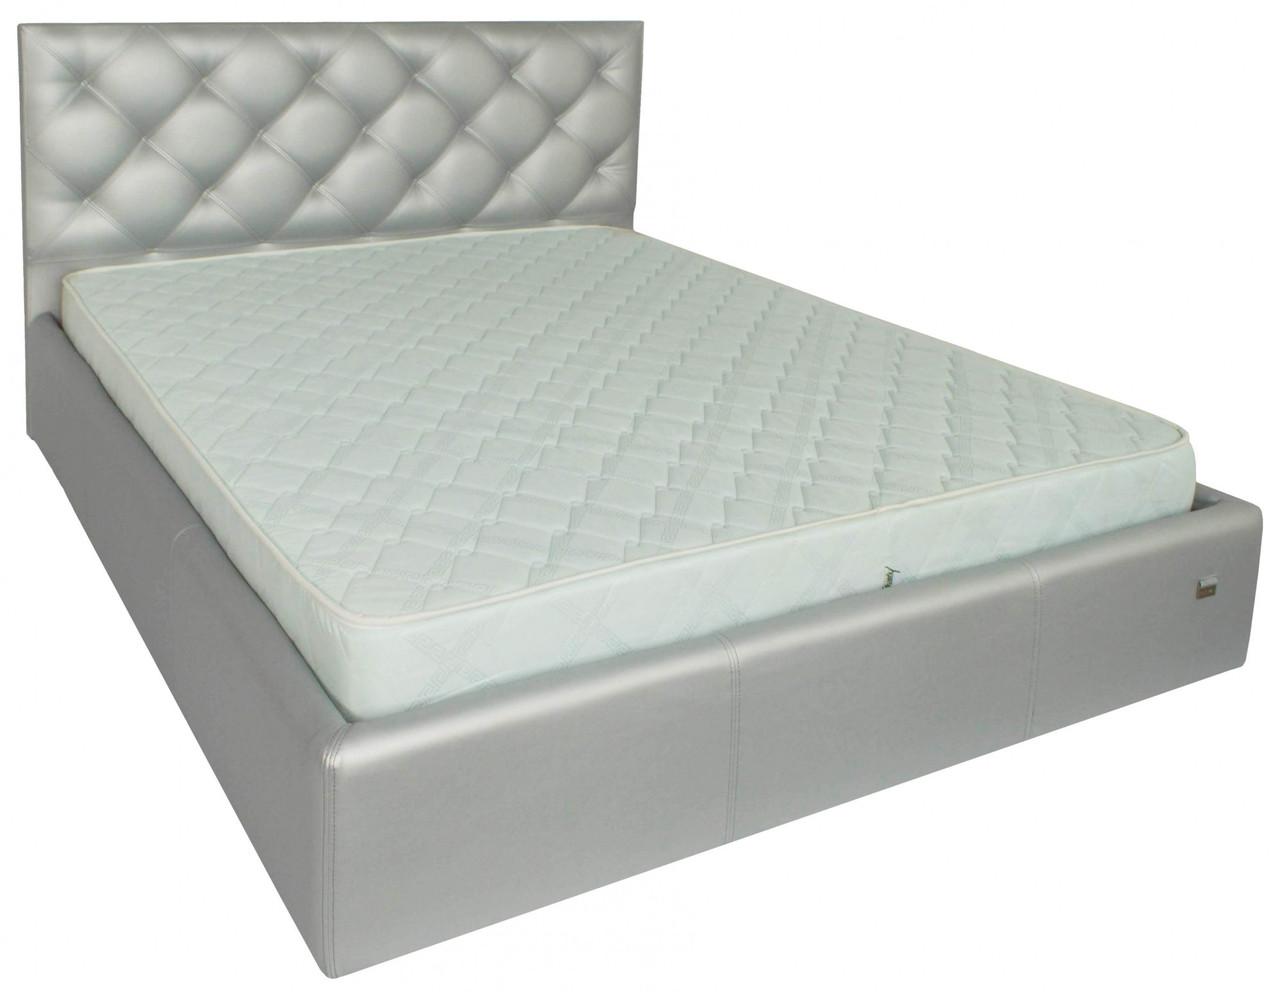 Кровать Двуспальная Bristol Comfort 160 х 190 см Zeus Deluxe Silver С подъемным механизмом и нишей для белья